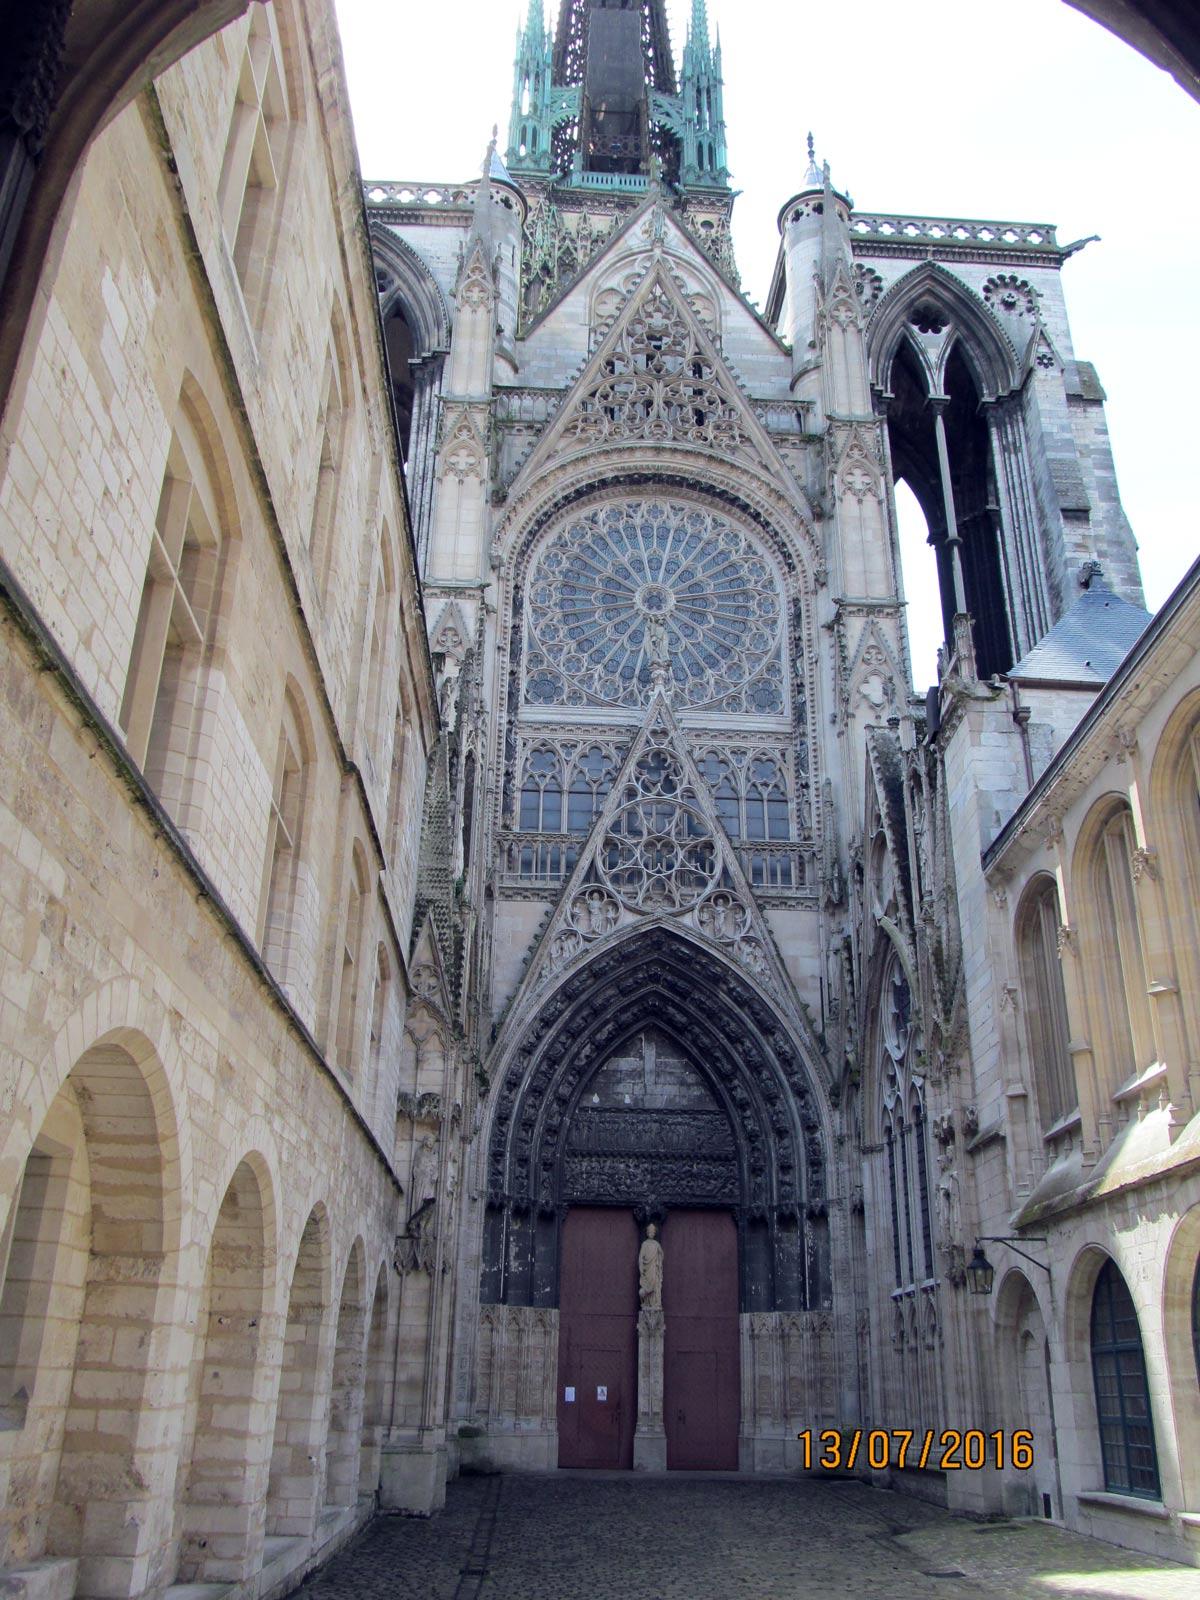 экскурсия вокруг собора в Руане, Нормадия